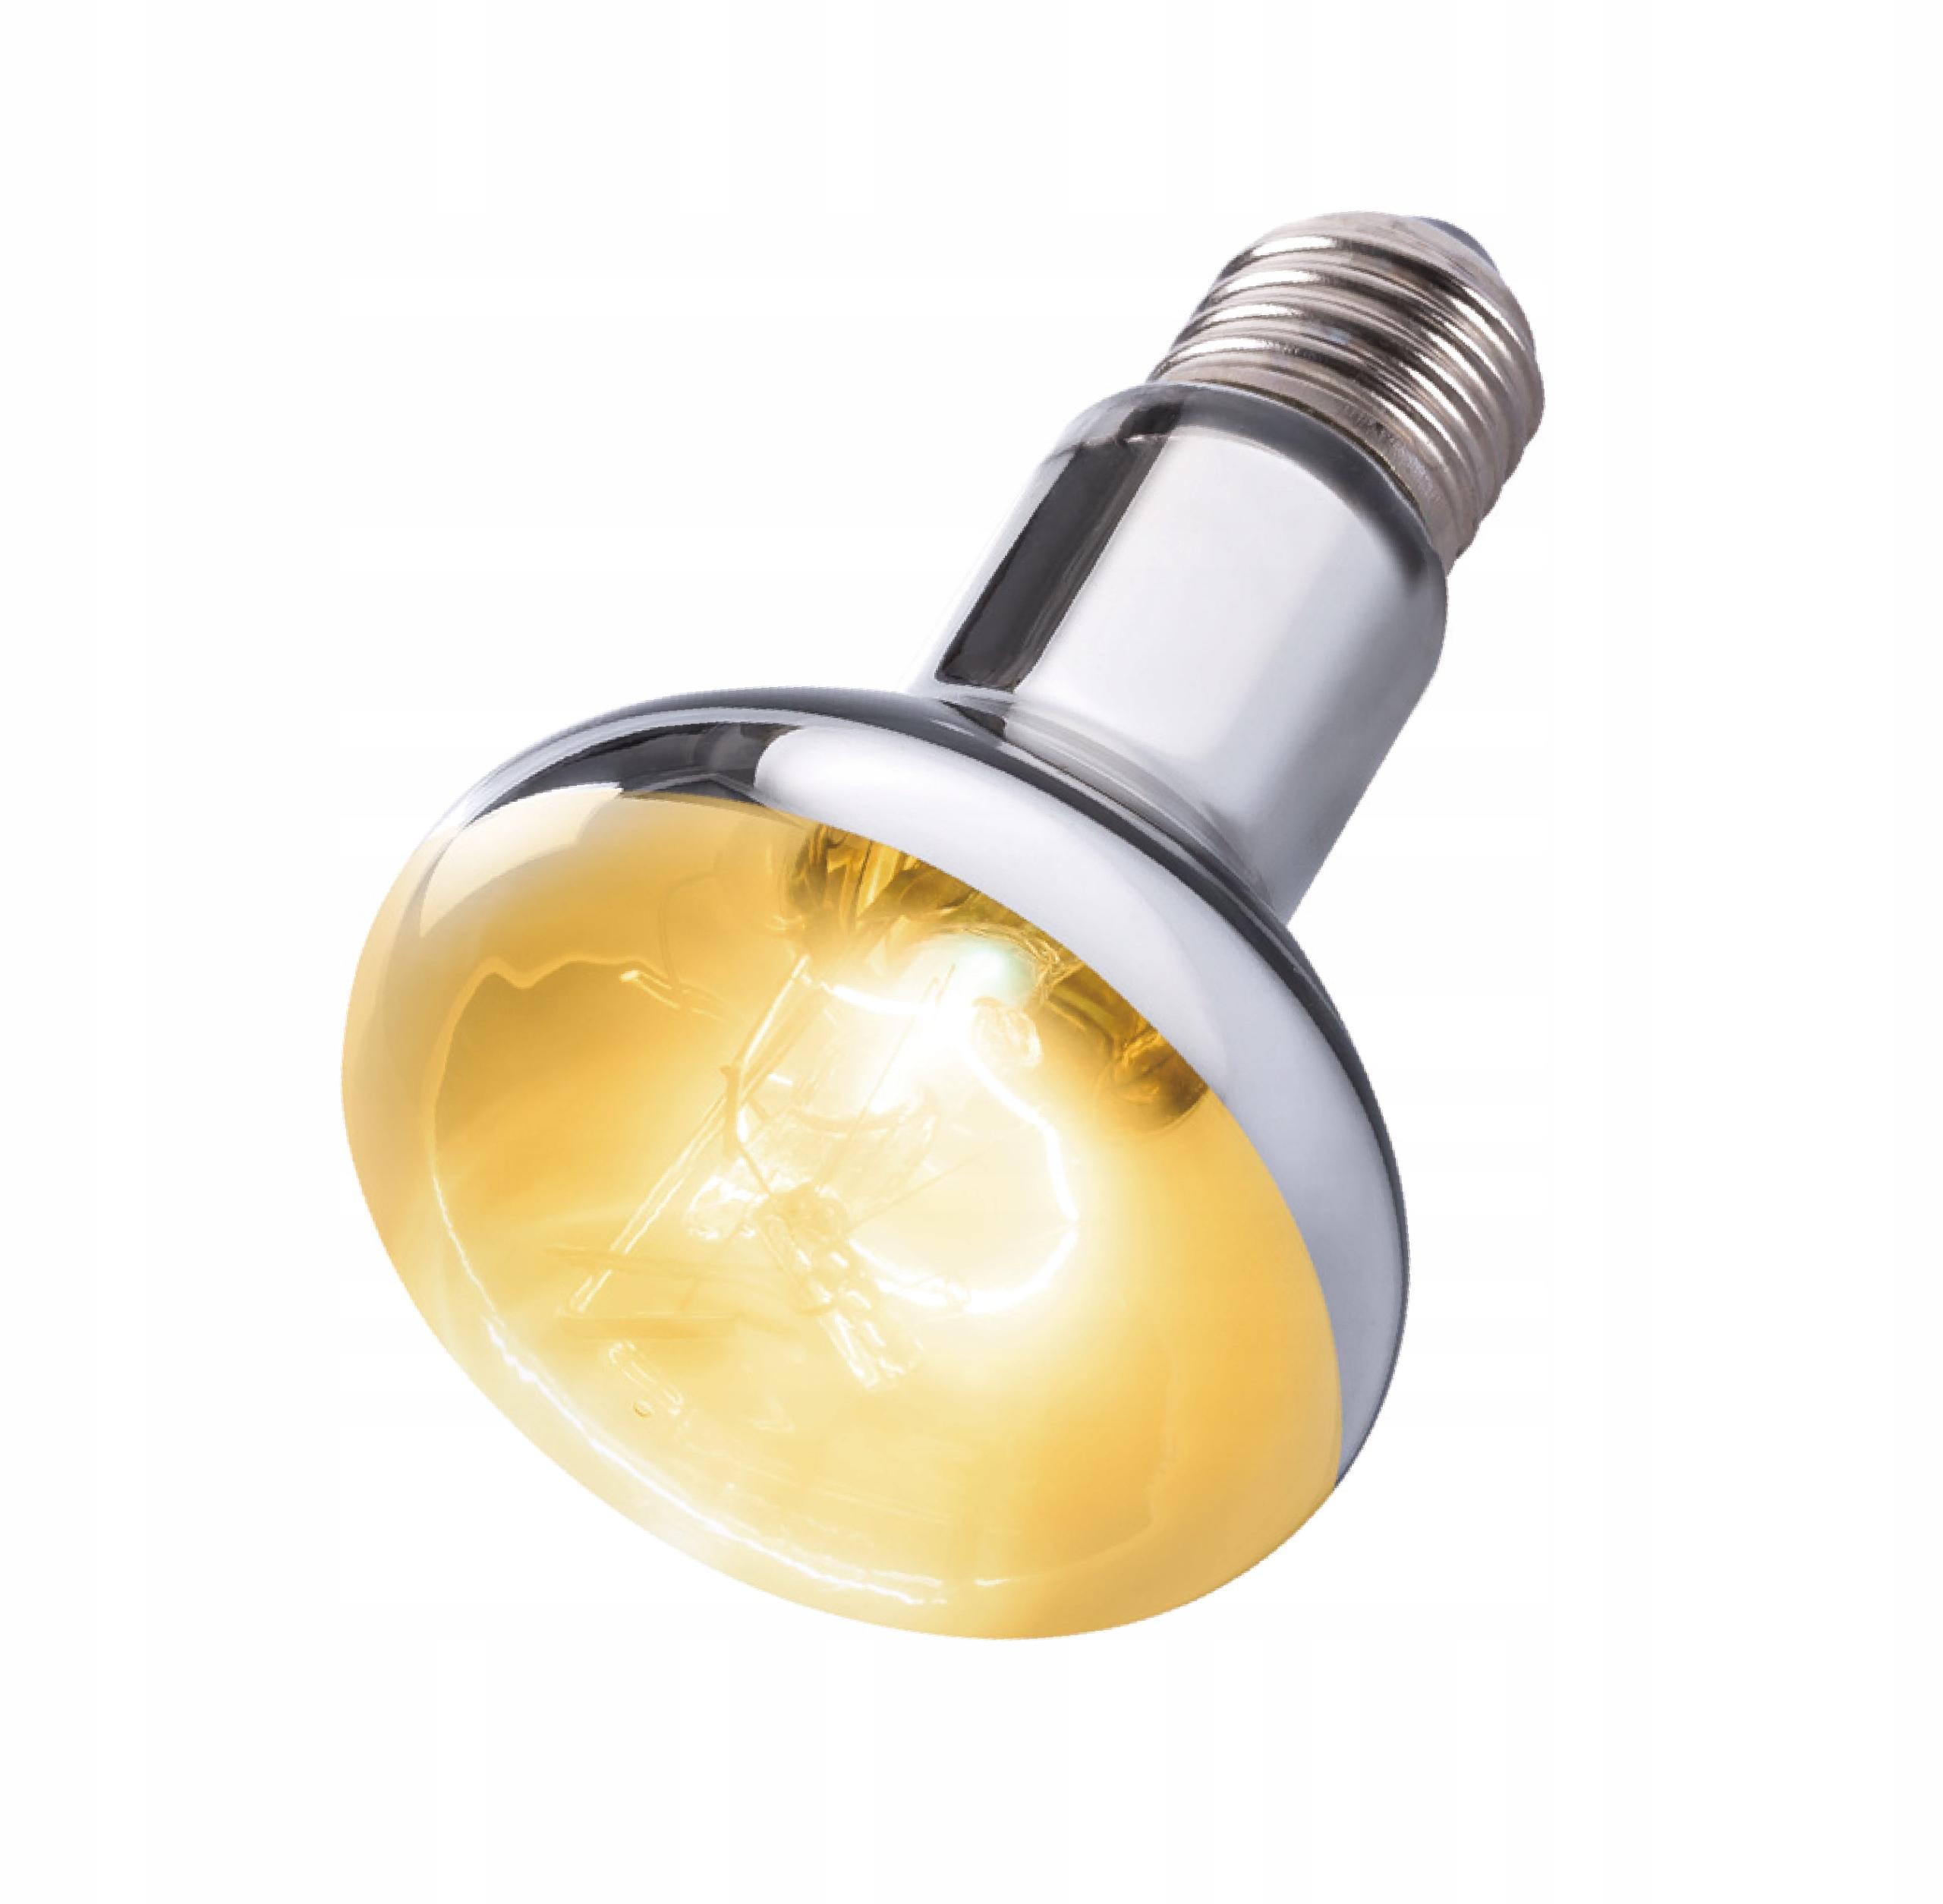 REPTI-ZOO 160W LAMPA ŻAROWO-RTĘCIOWA ŻARÓWKA + UVB